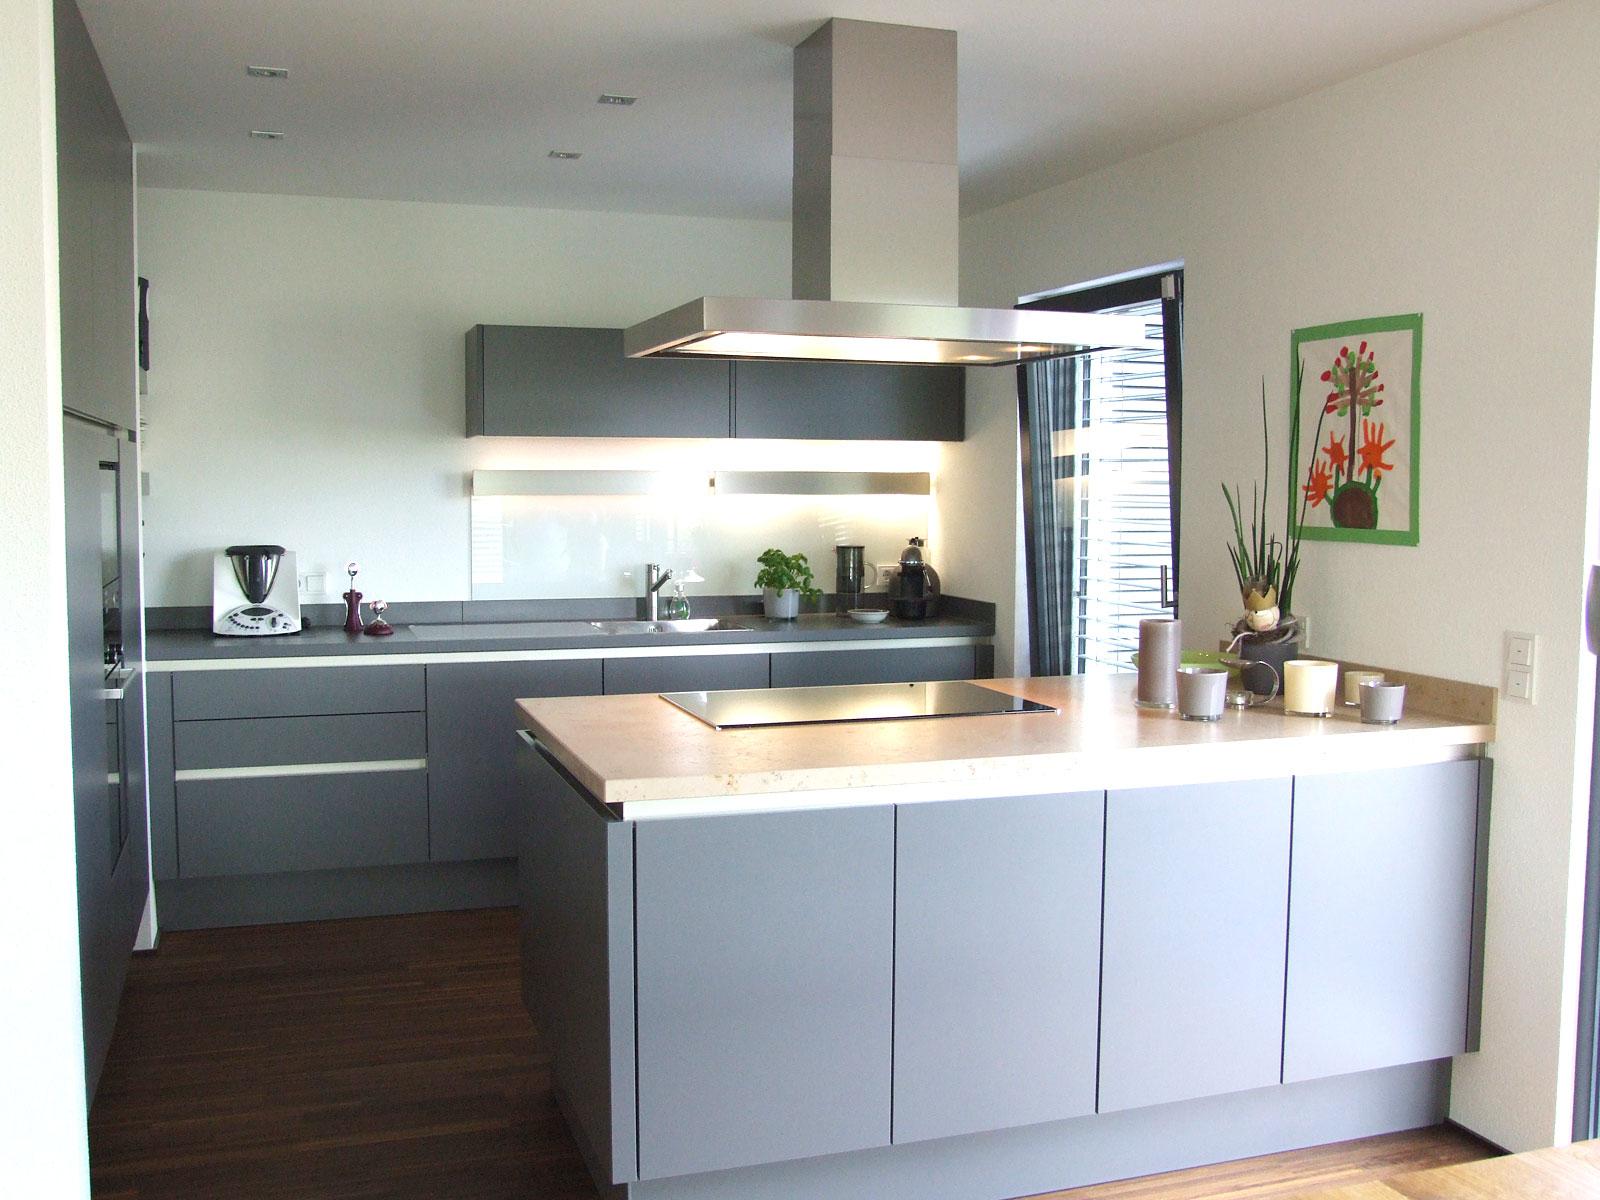 Full Size of Küchenideen Referenzen Kchenideen Schraivogel Ihr Musterhaus Kchen Wohnzimmer Küchenideen